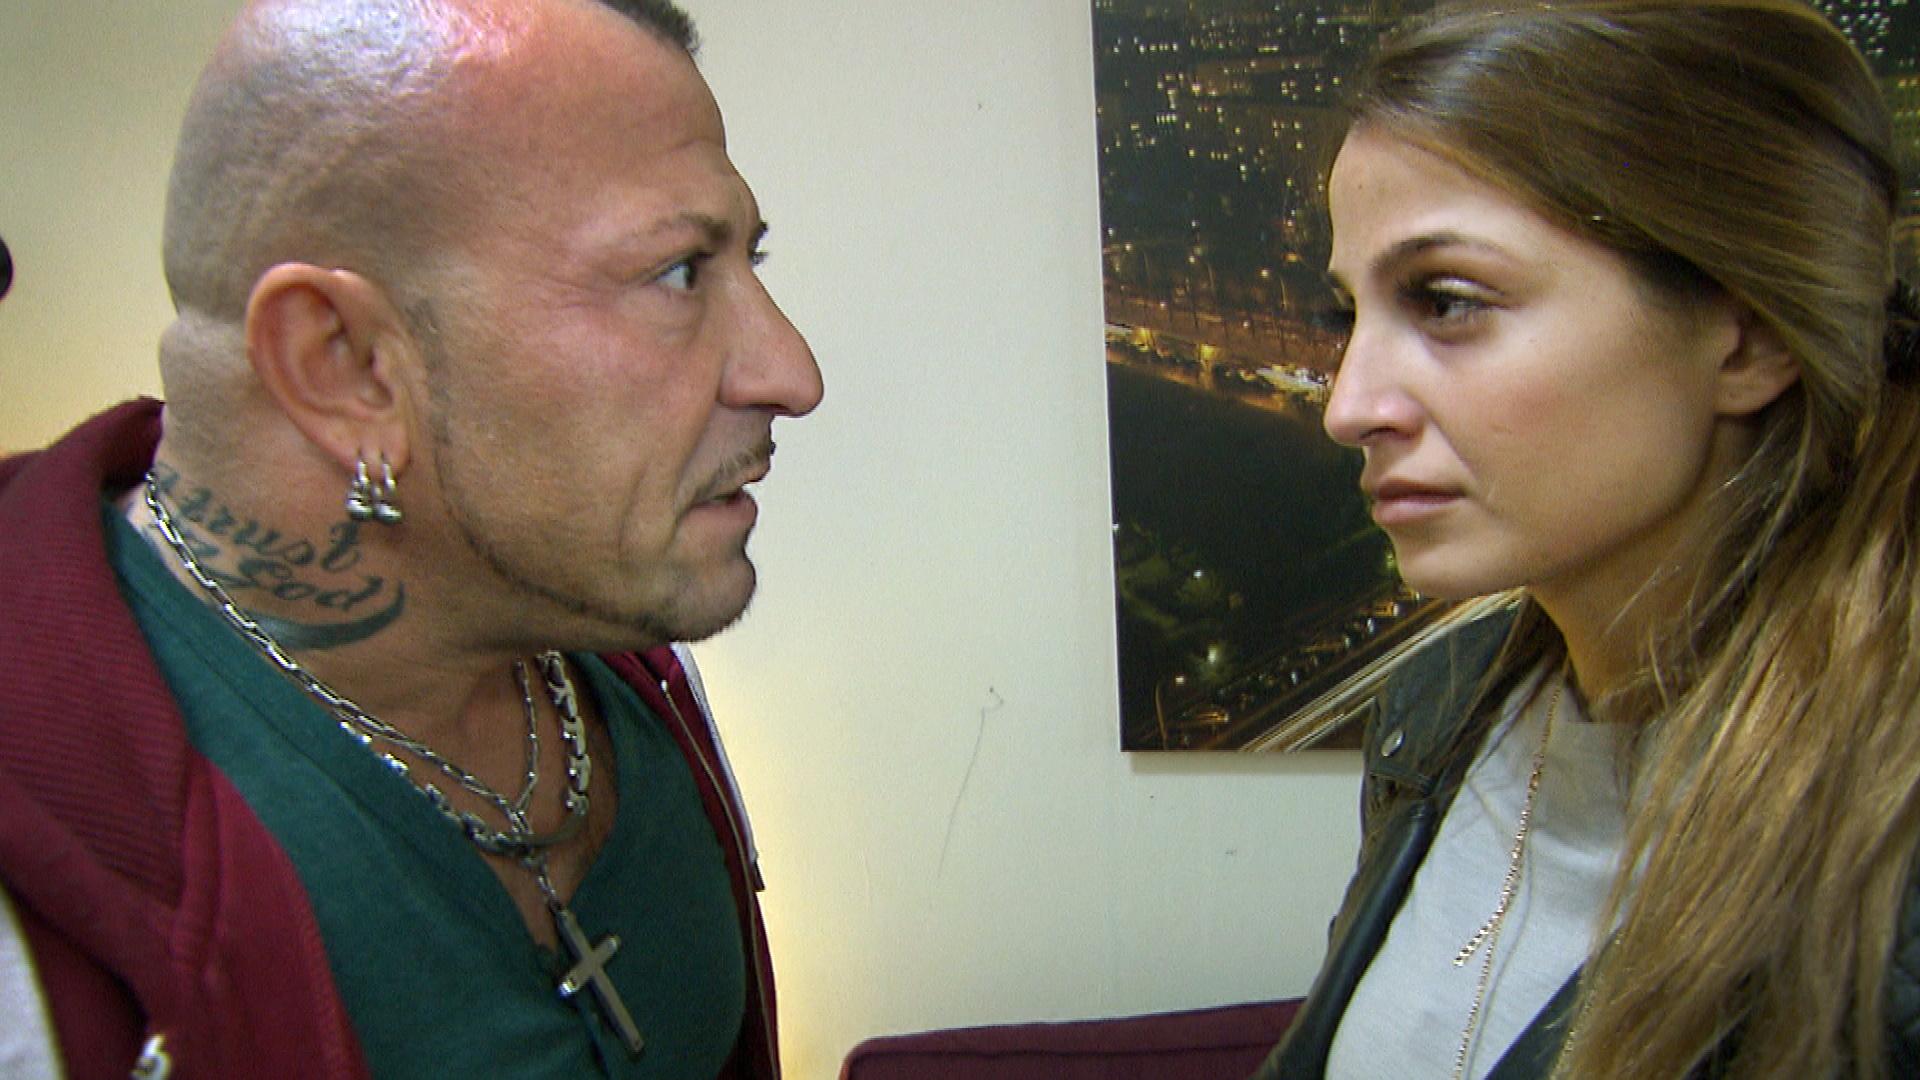 Alessias,re.Hoffnung auf eine Aussöhnung mit Fabrizio,li., wird jäh zerstört, als der ihr klarmacht, dass sie sofort ausziehen muss. (Quelle: RTL 2)